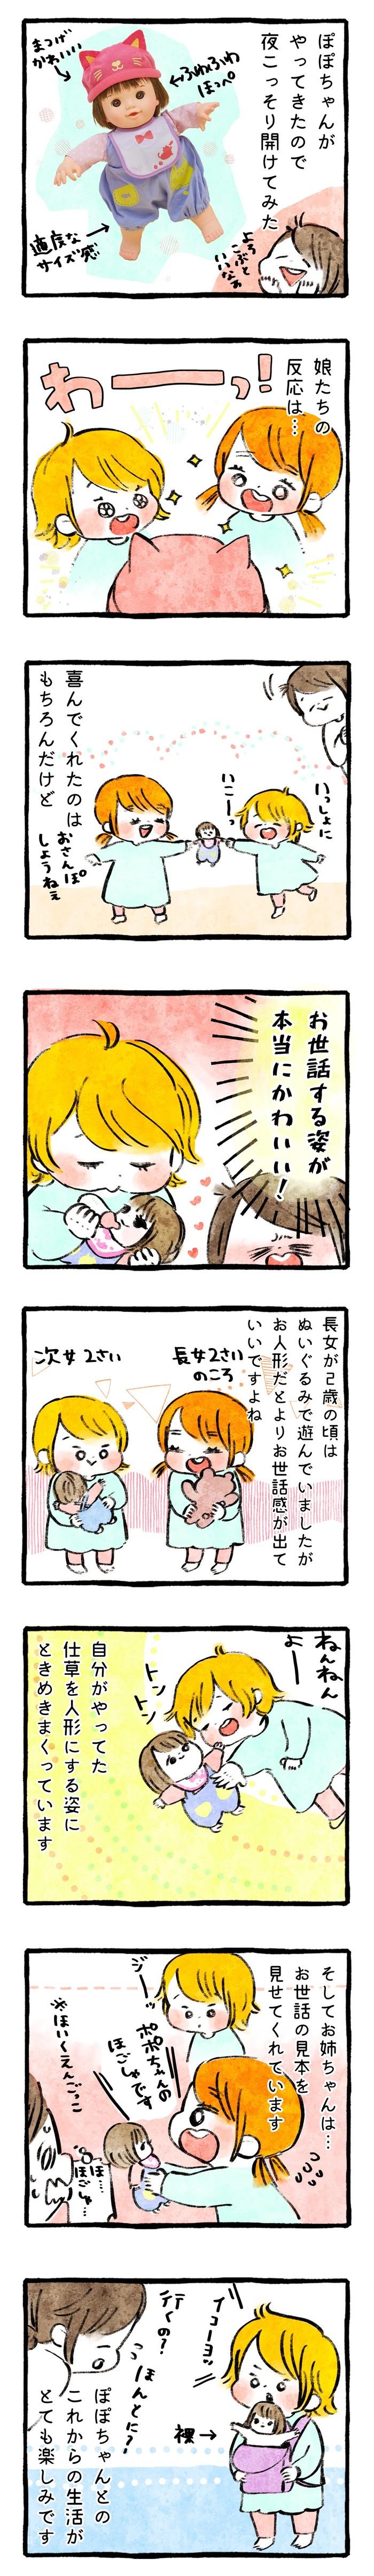 遊びながら成長する姿が愛おしい!「ぽぽちゃん」と3人のおねえさんのお話。の画像2